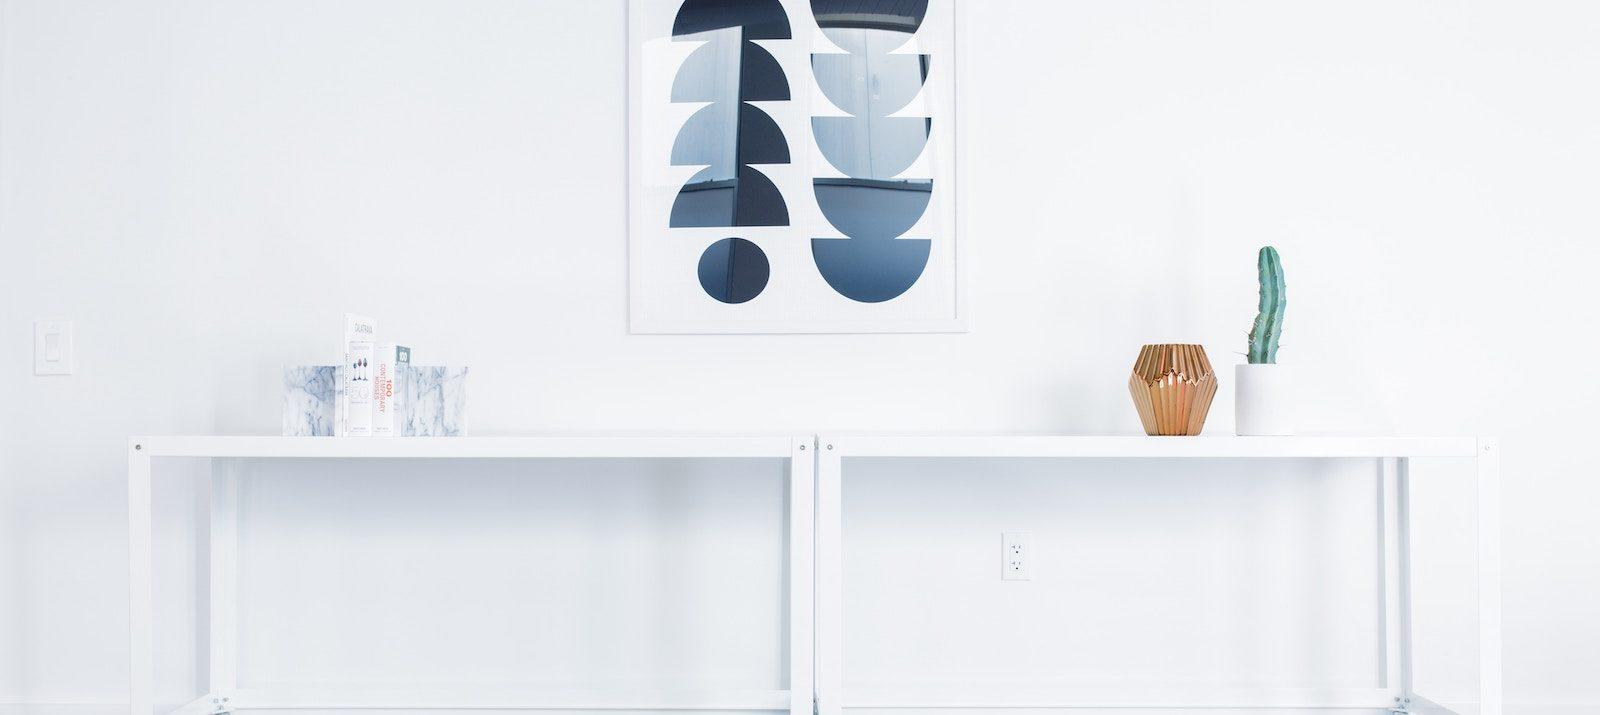 minimalisme detachement objets quotidiens